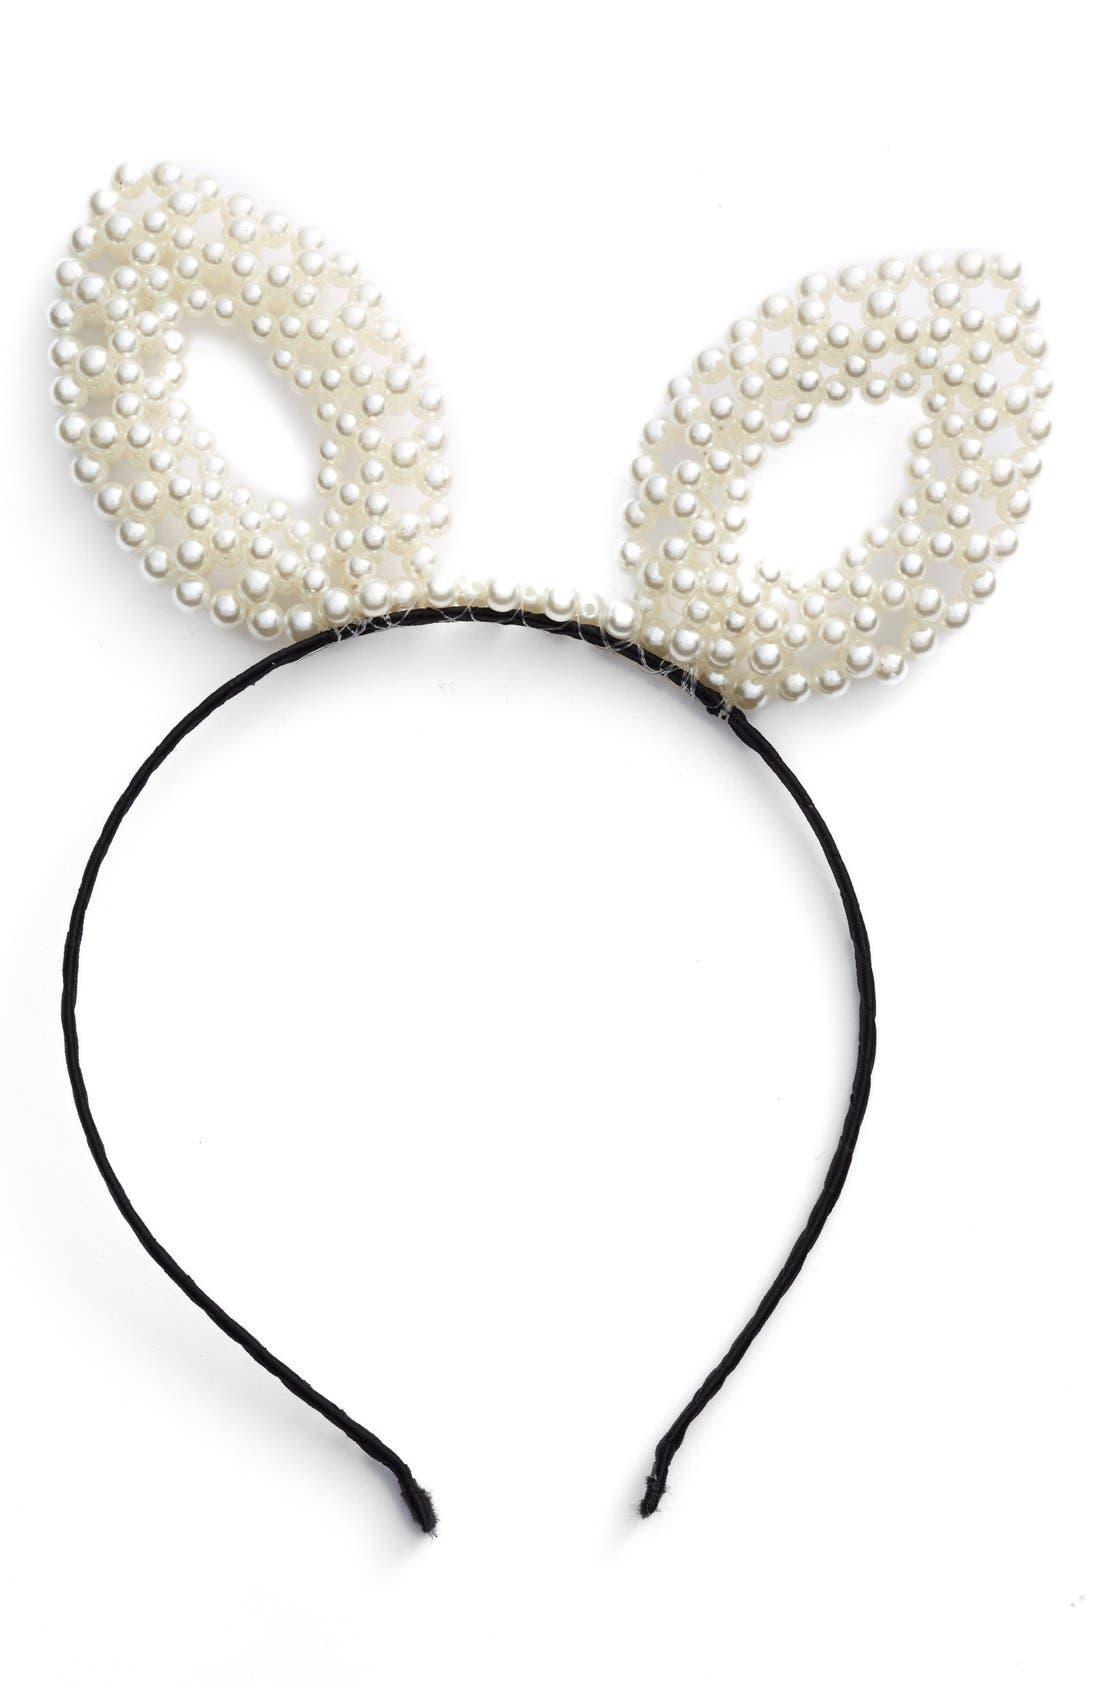 Main Image - BP. Pearly Bunny Ear Headband